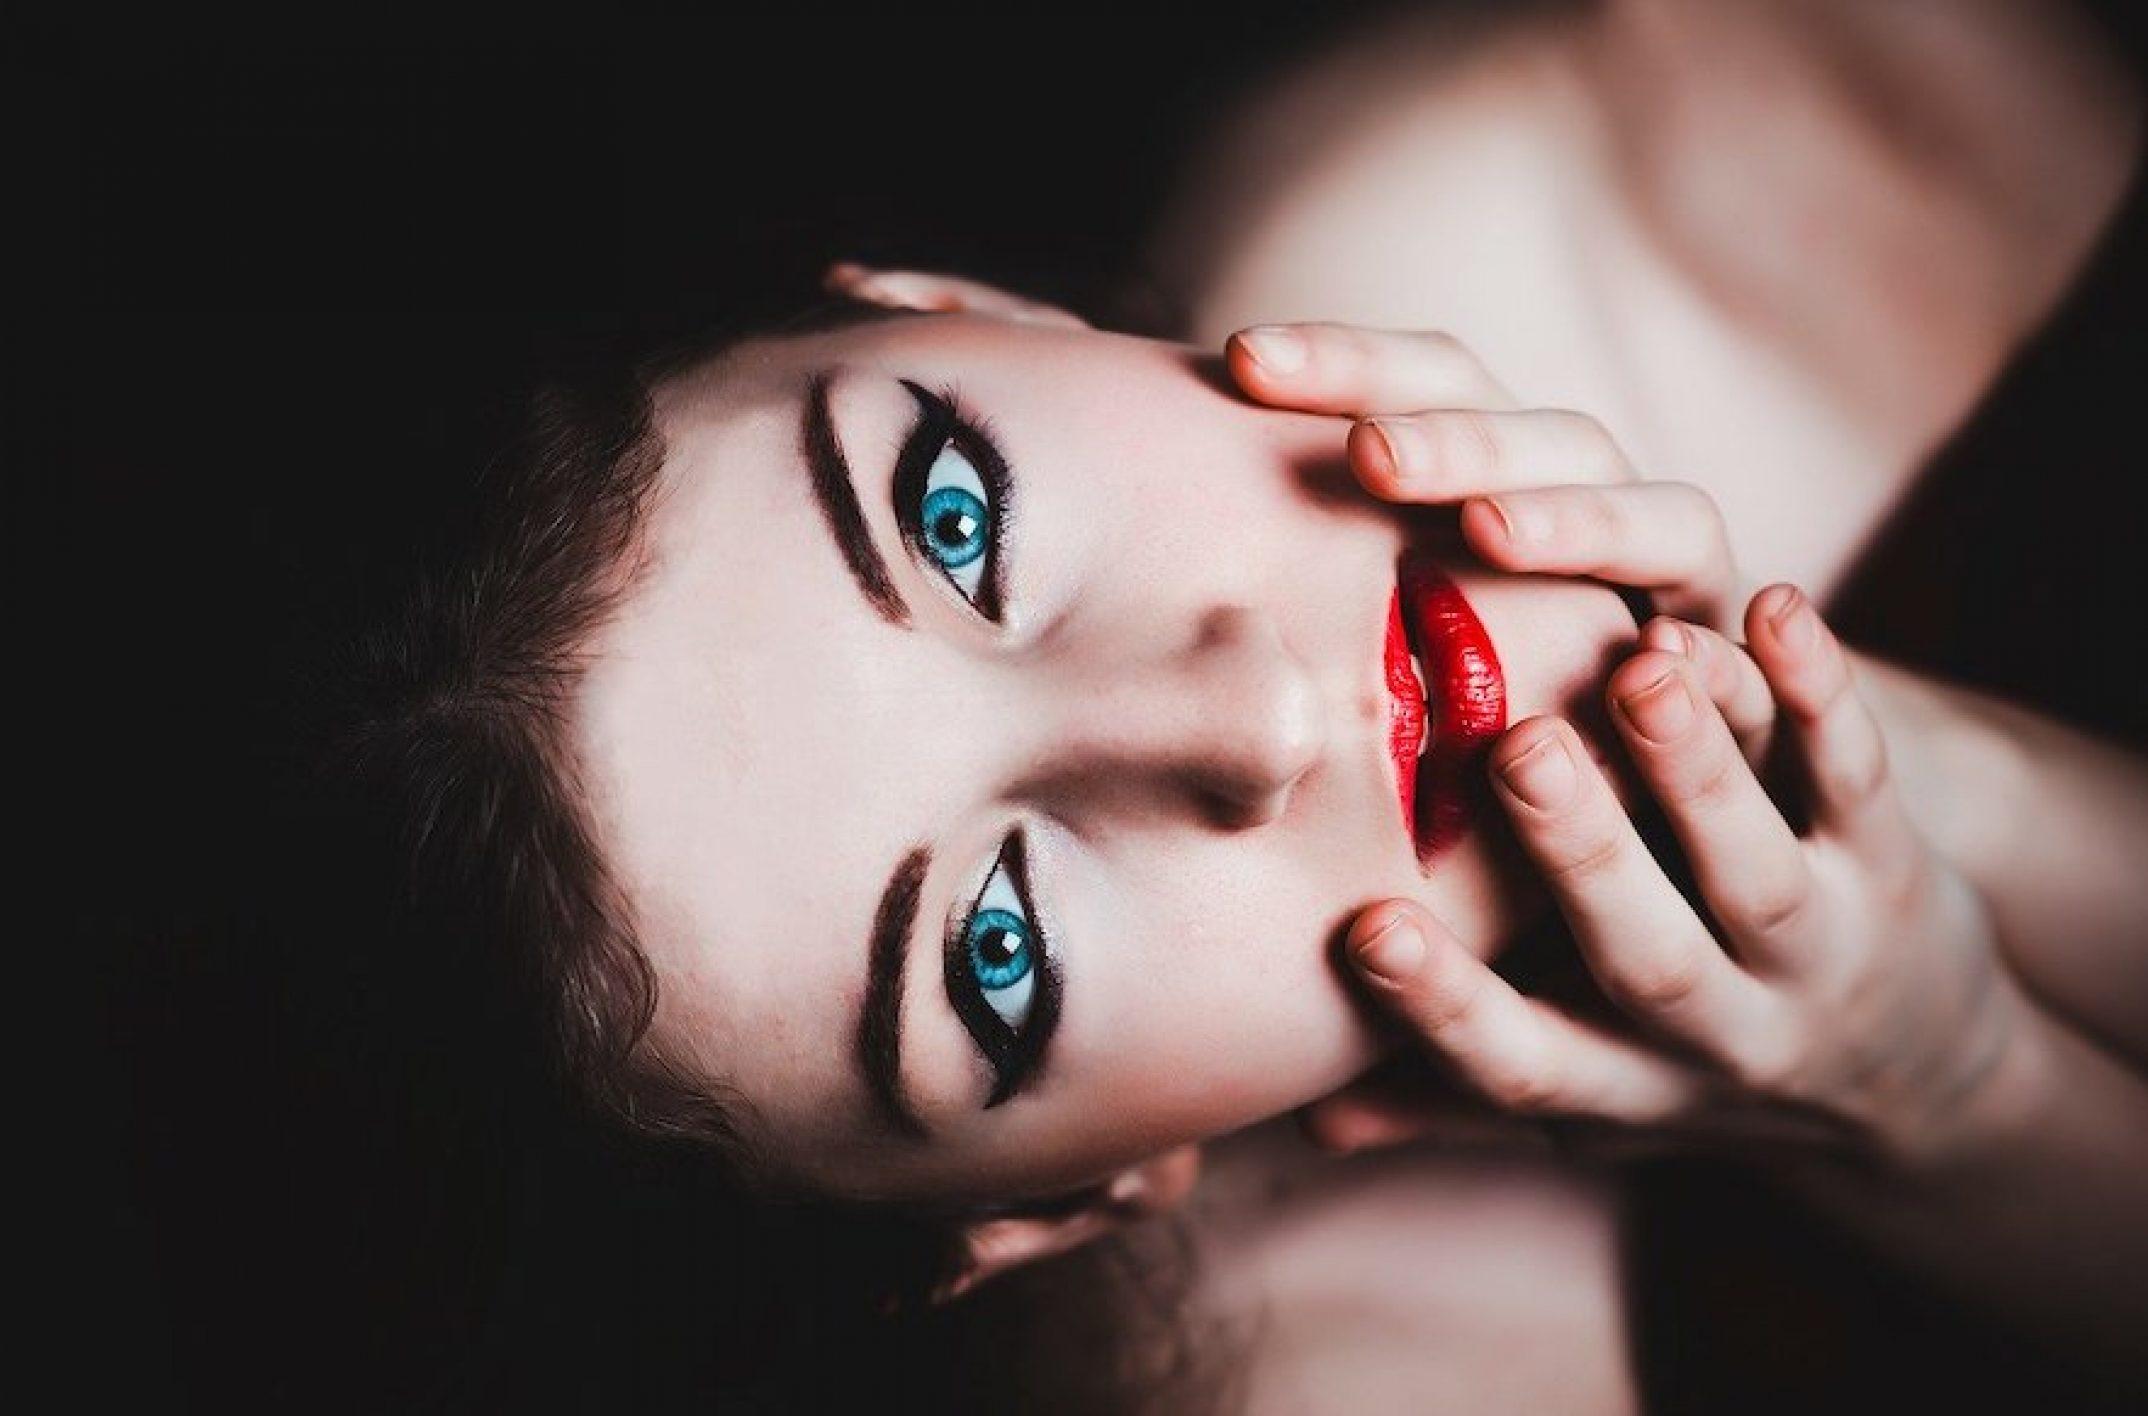 Les soins beauté tendance en 2020 : maquillage et soins de peau